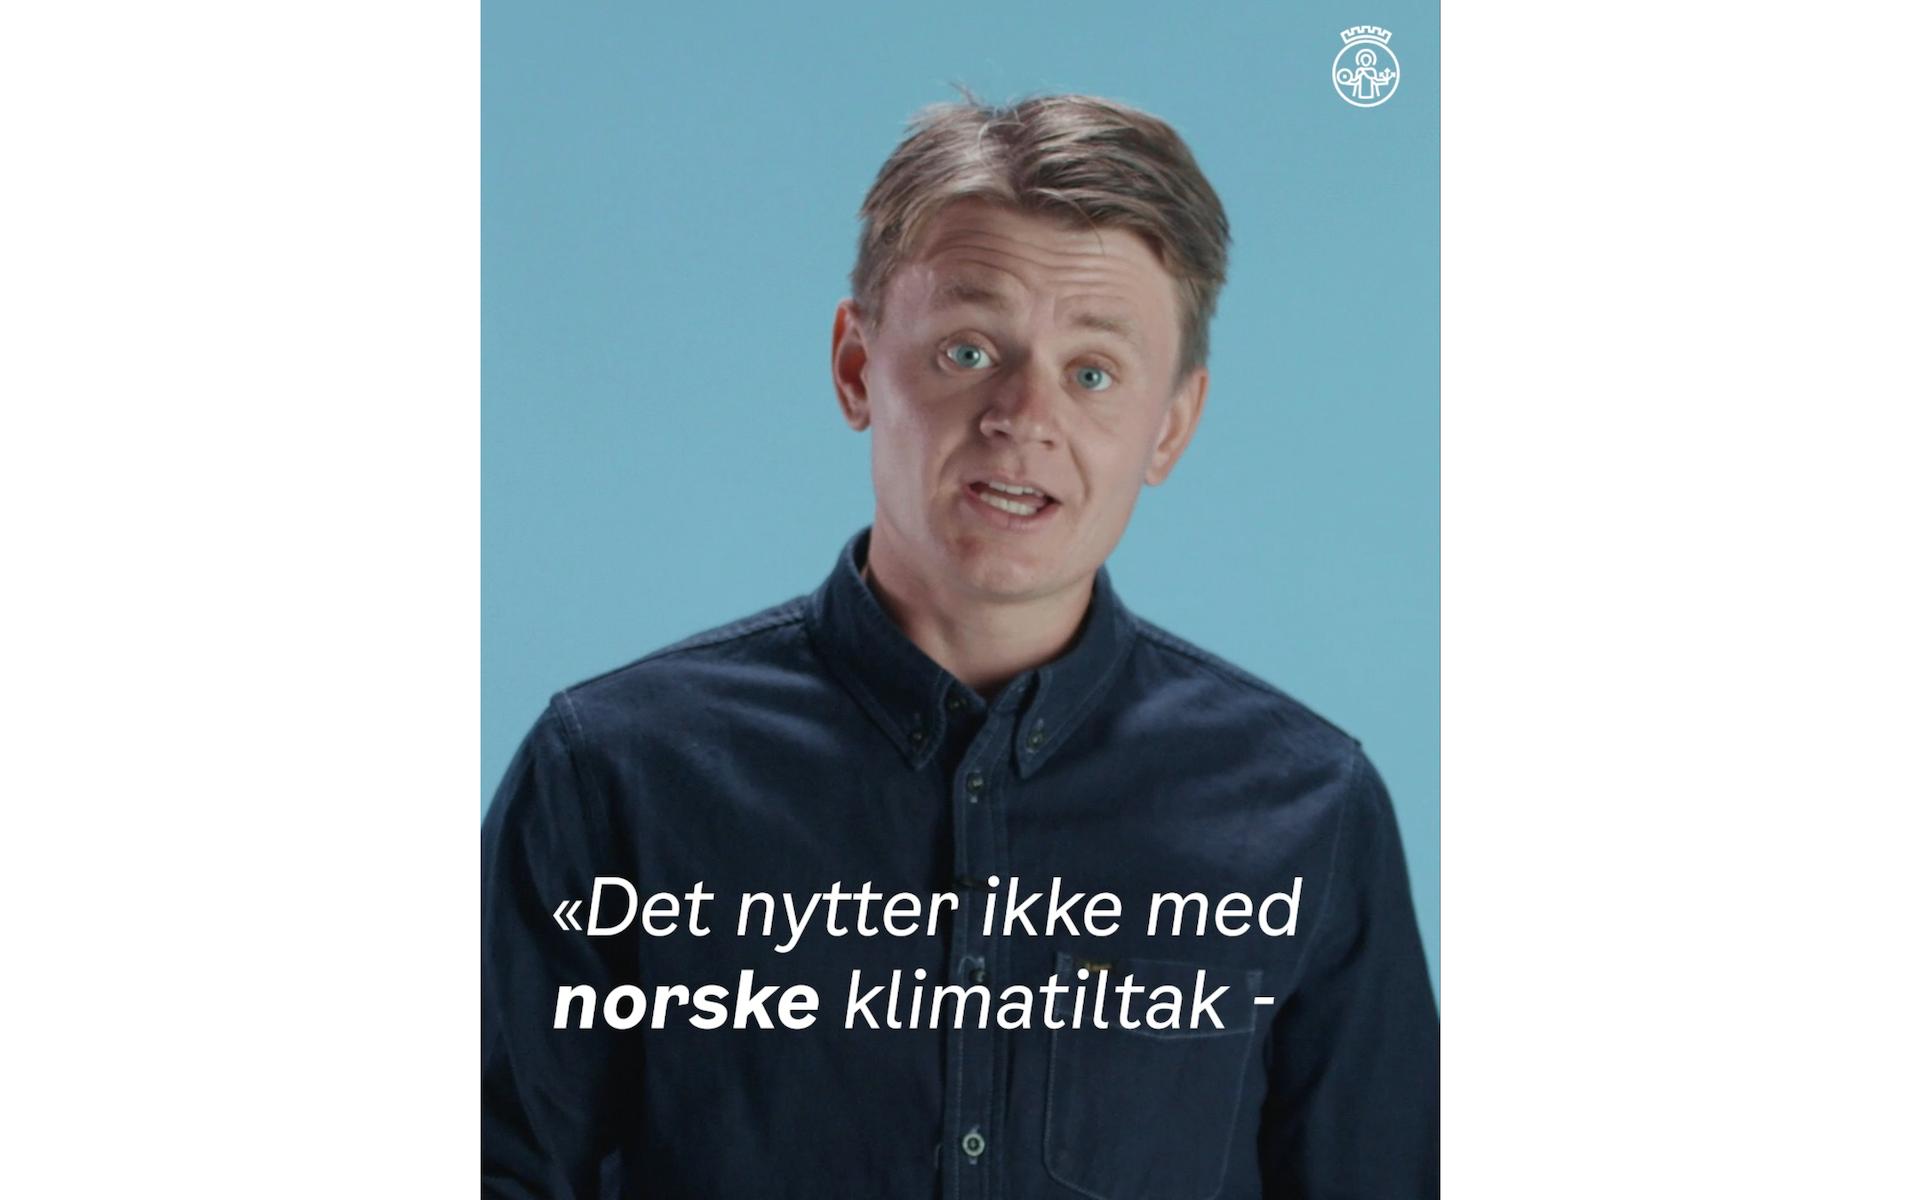 """""""Hvorfor skal vi i lille Norge drive med klimakutt?"""" Ole Erik forklarer:"""